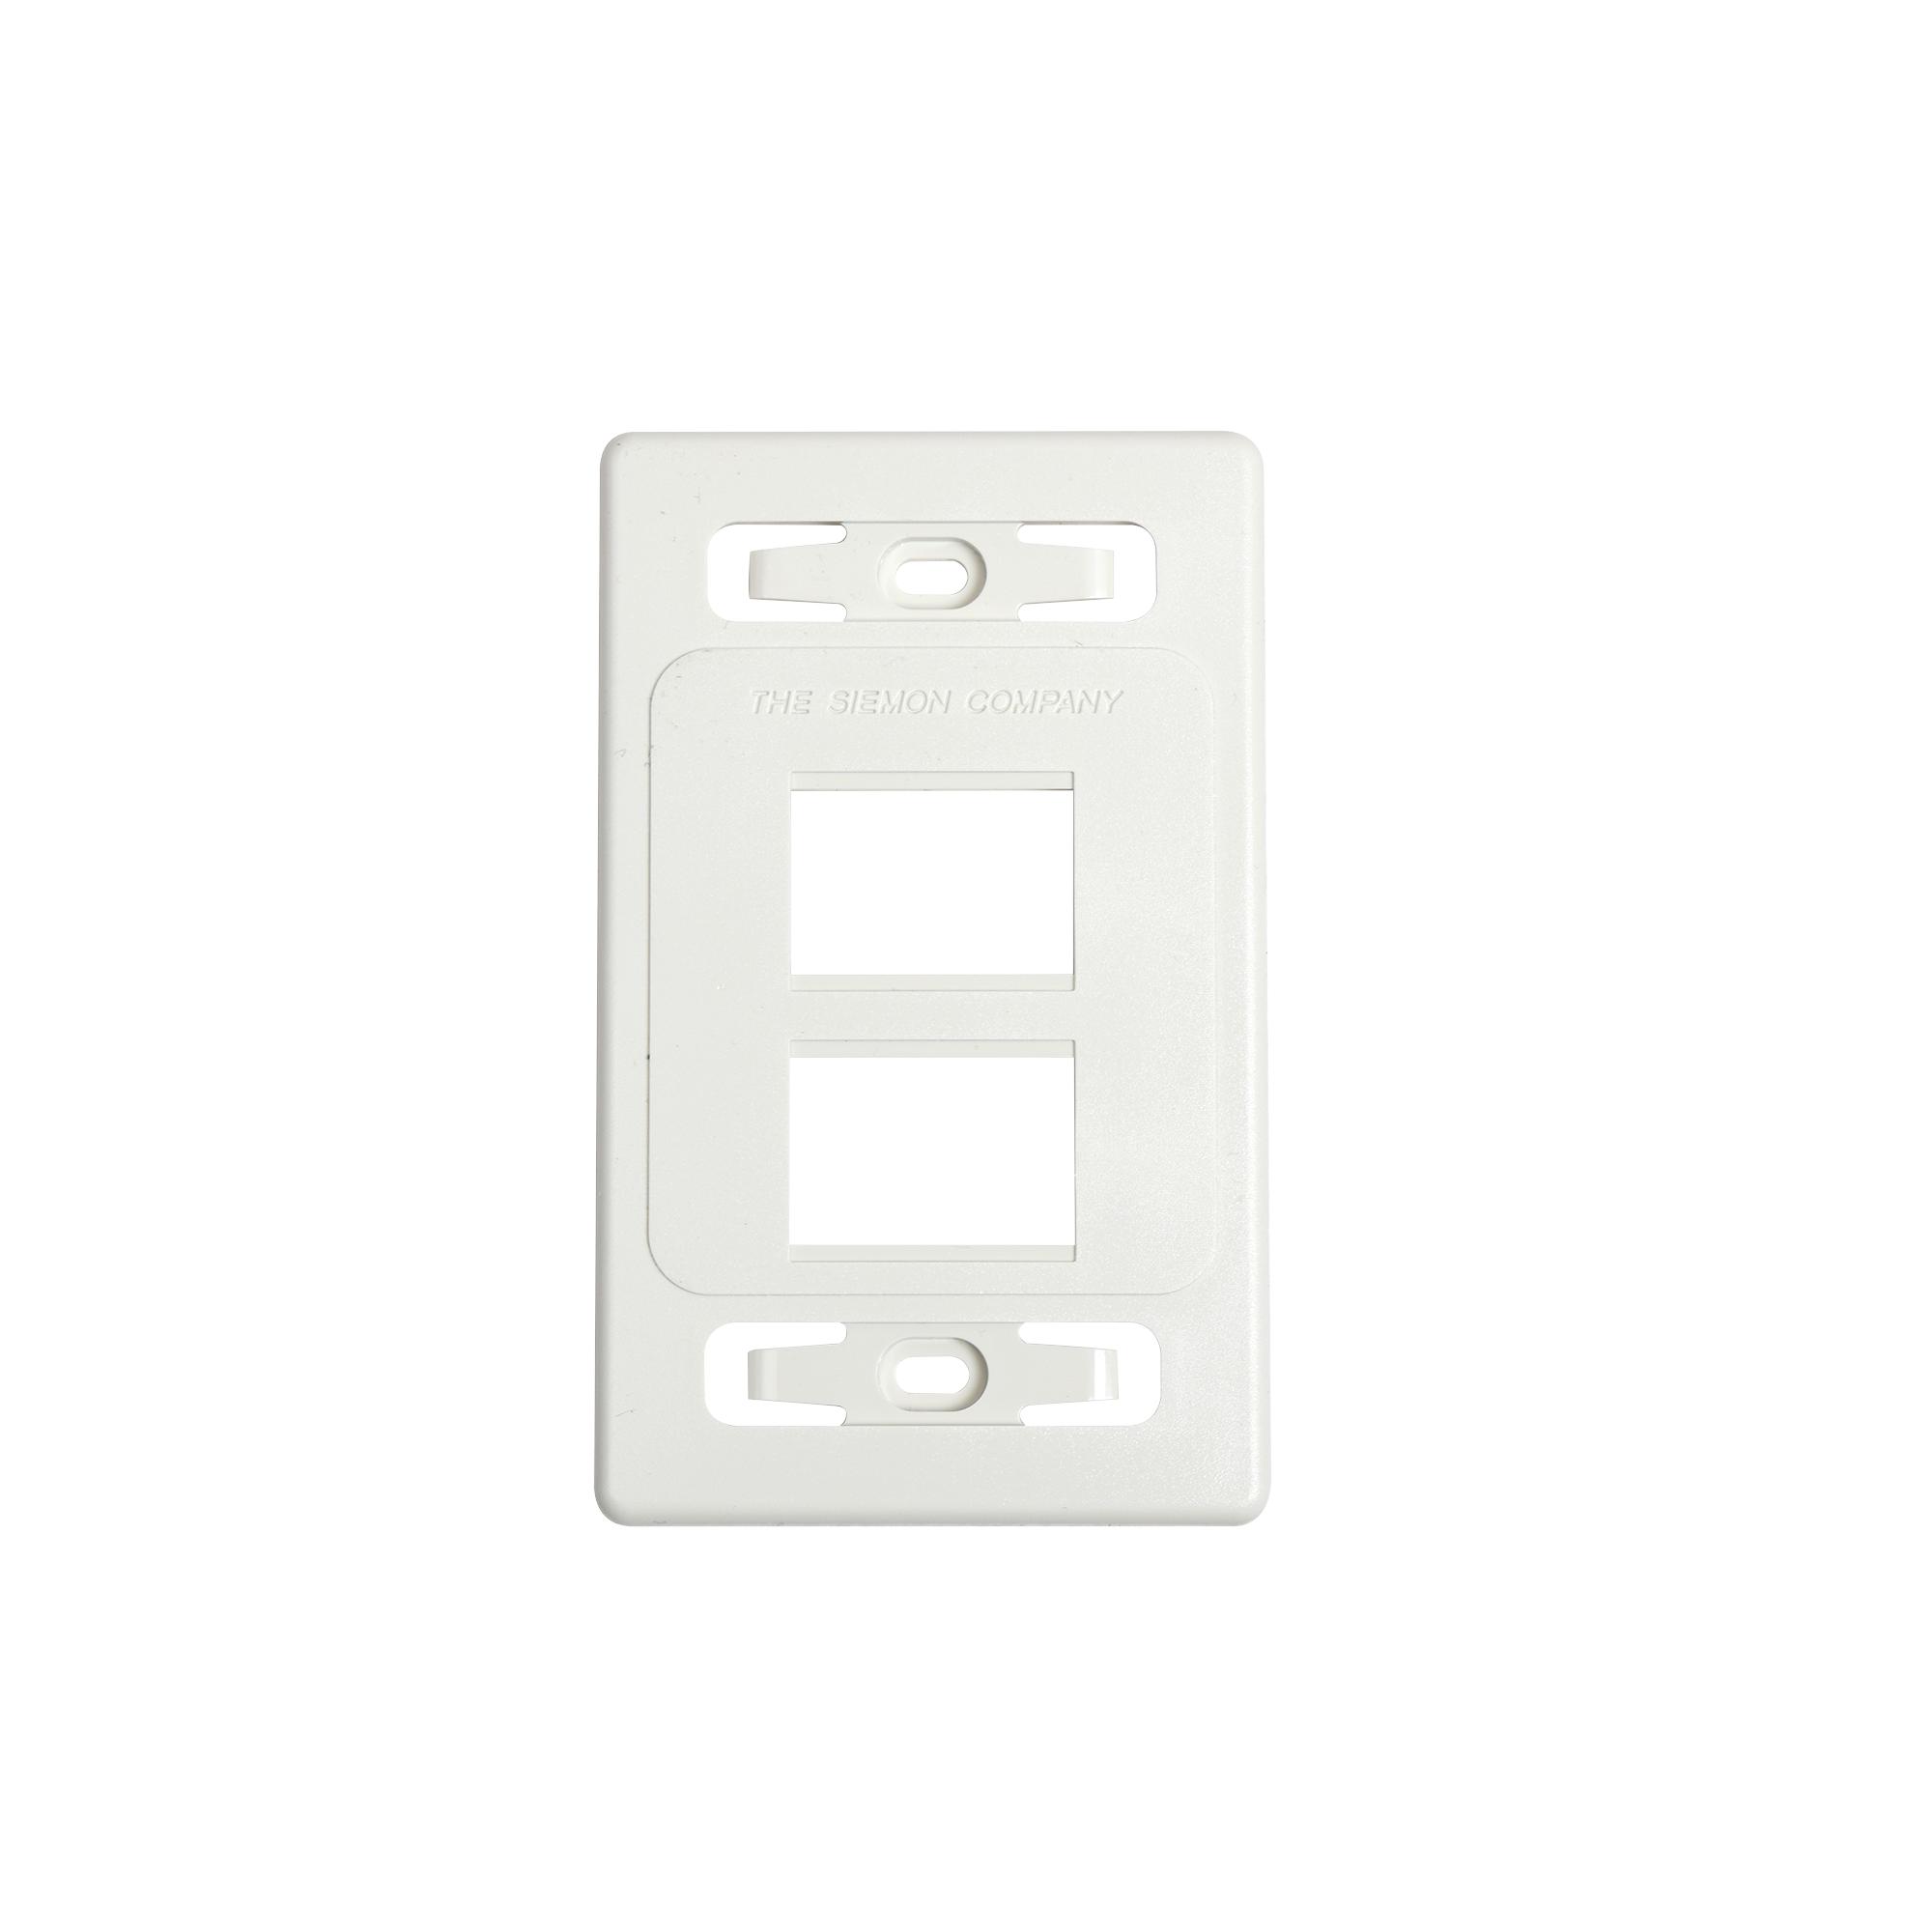 Placa de pared modular MAX, de 4 salidas, color blanco, versión bulk (Sin Empaque Individual)